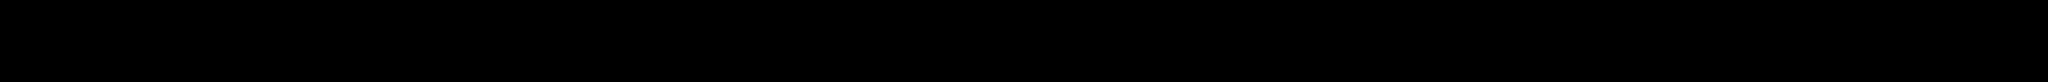 KS TOOLS Dugókulcs készlet